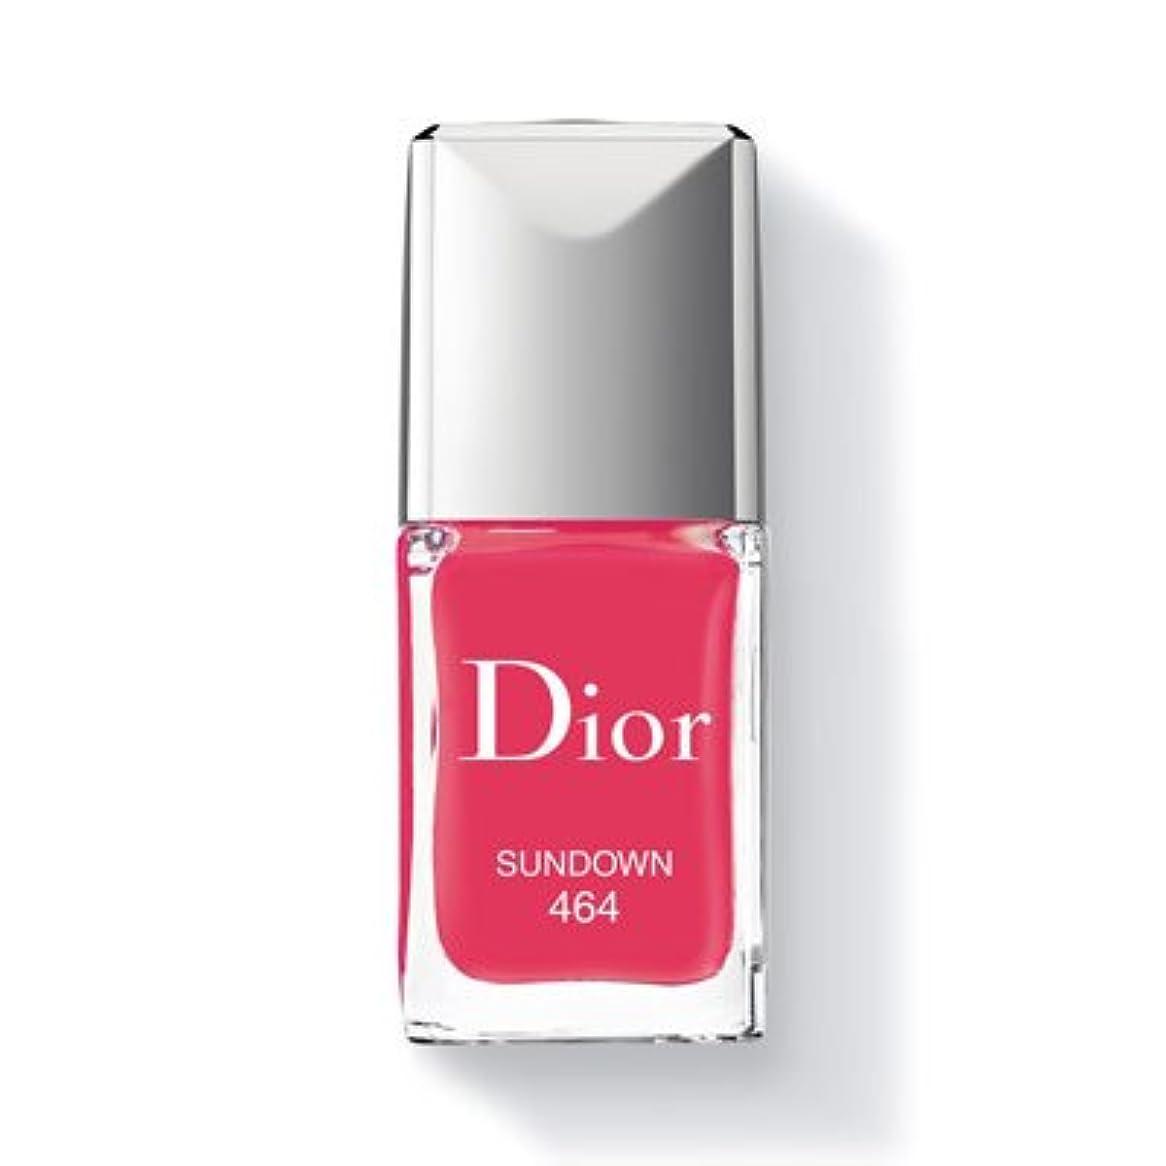 ヒール合併症巨大Christian Dior クリスチャン ディオール ディオール ヴェルニ #464 SUNDOWN 10ml [並行輸入品]